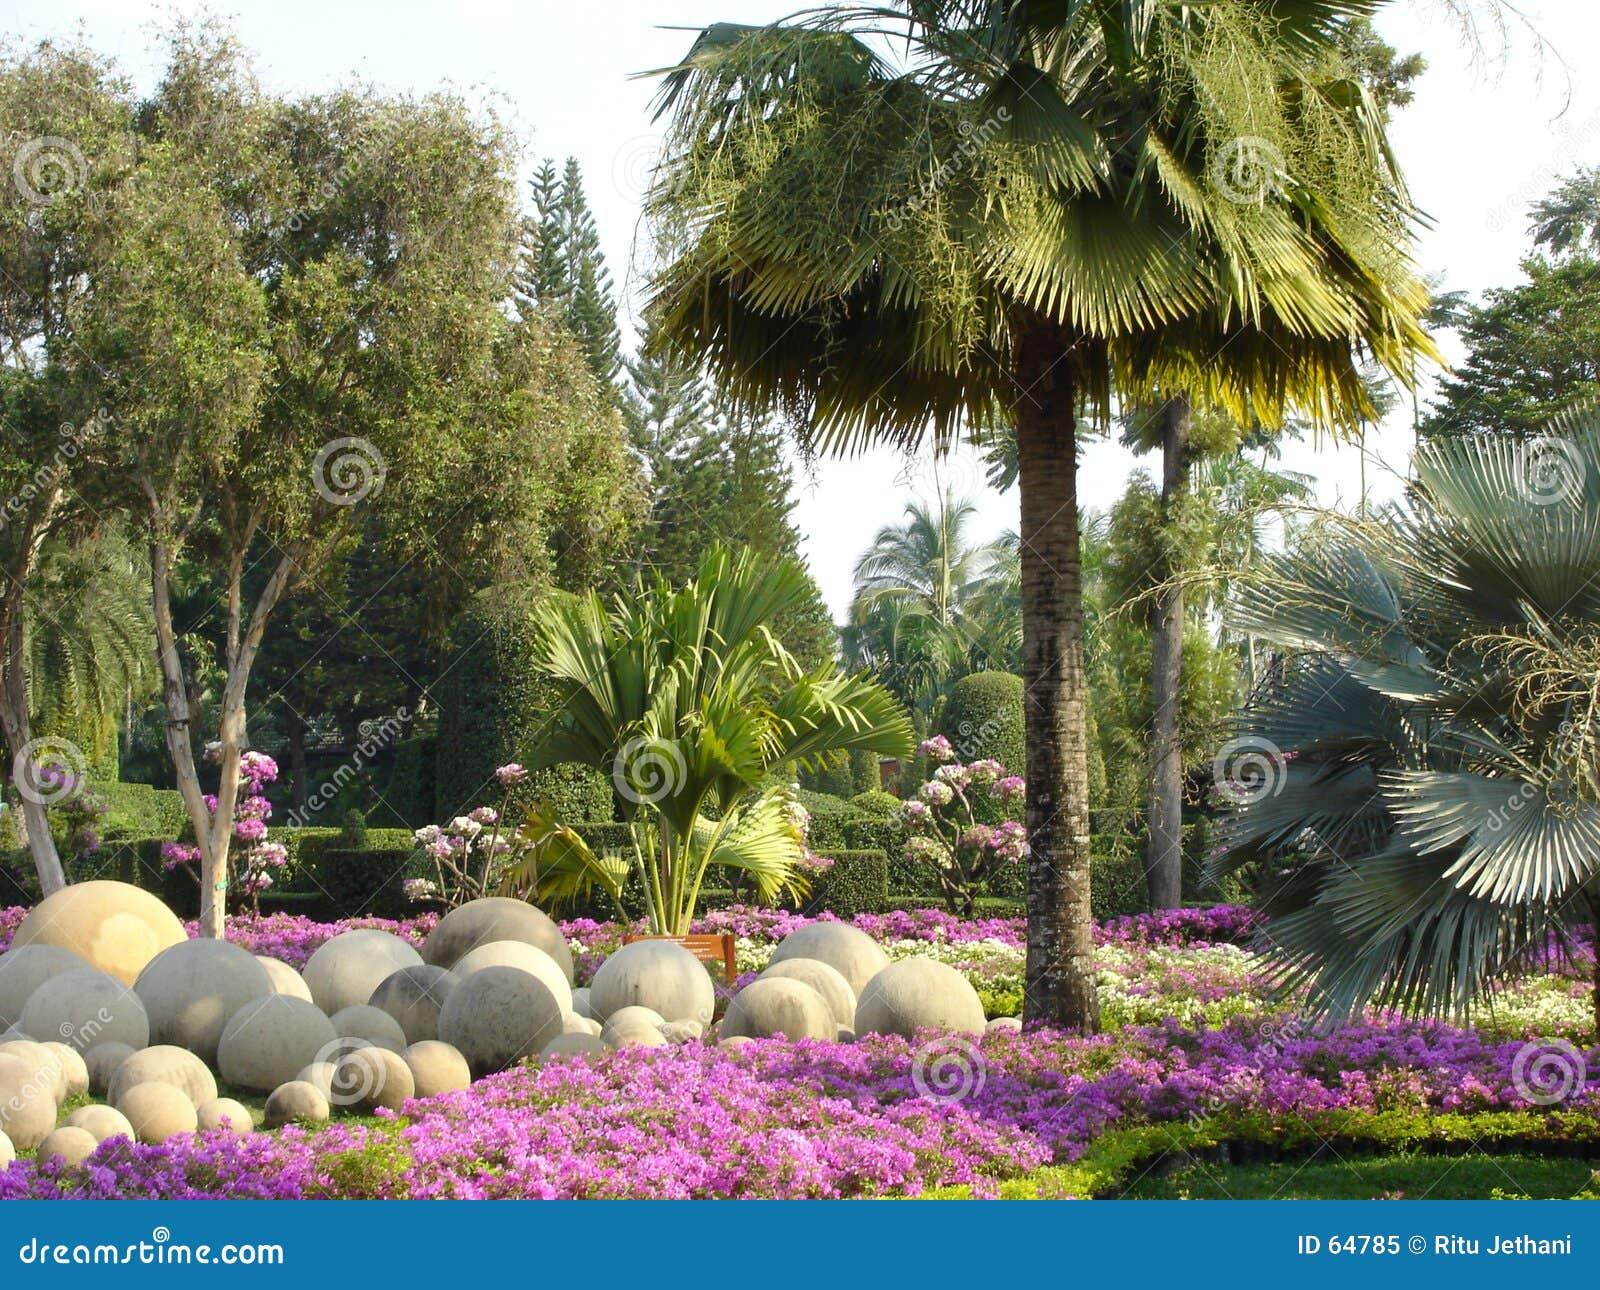 imagens de jardim tropicalJardim Tropical De Nong Nooch Foto de Stock